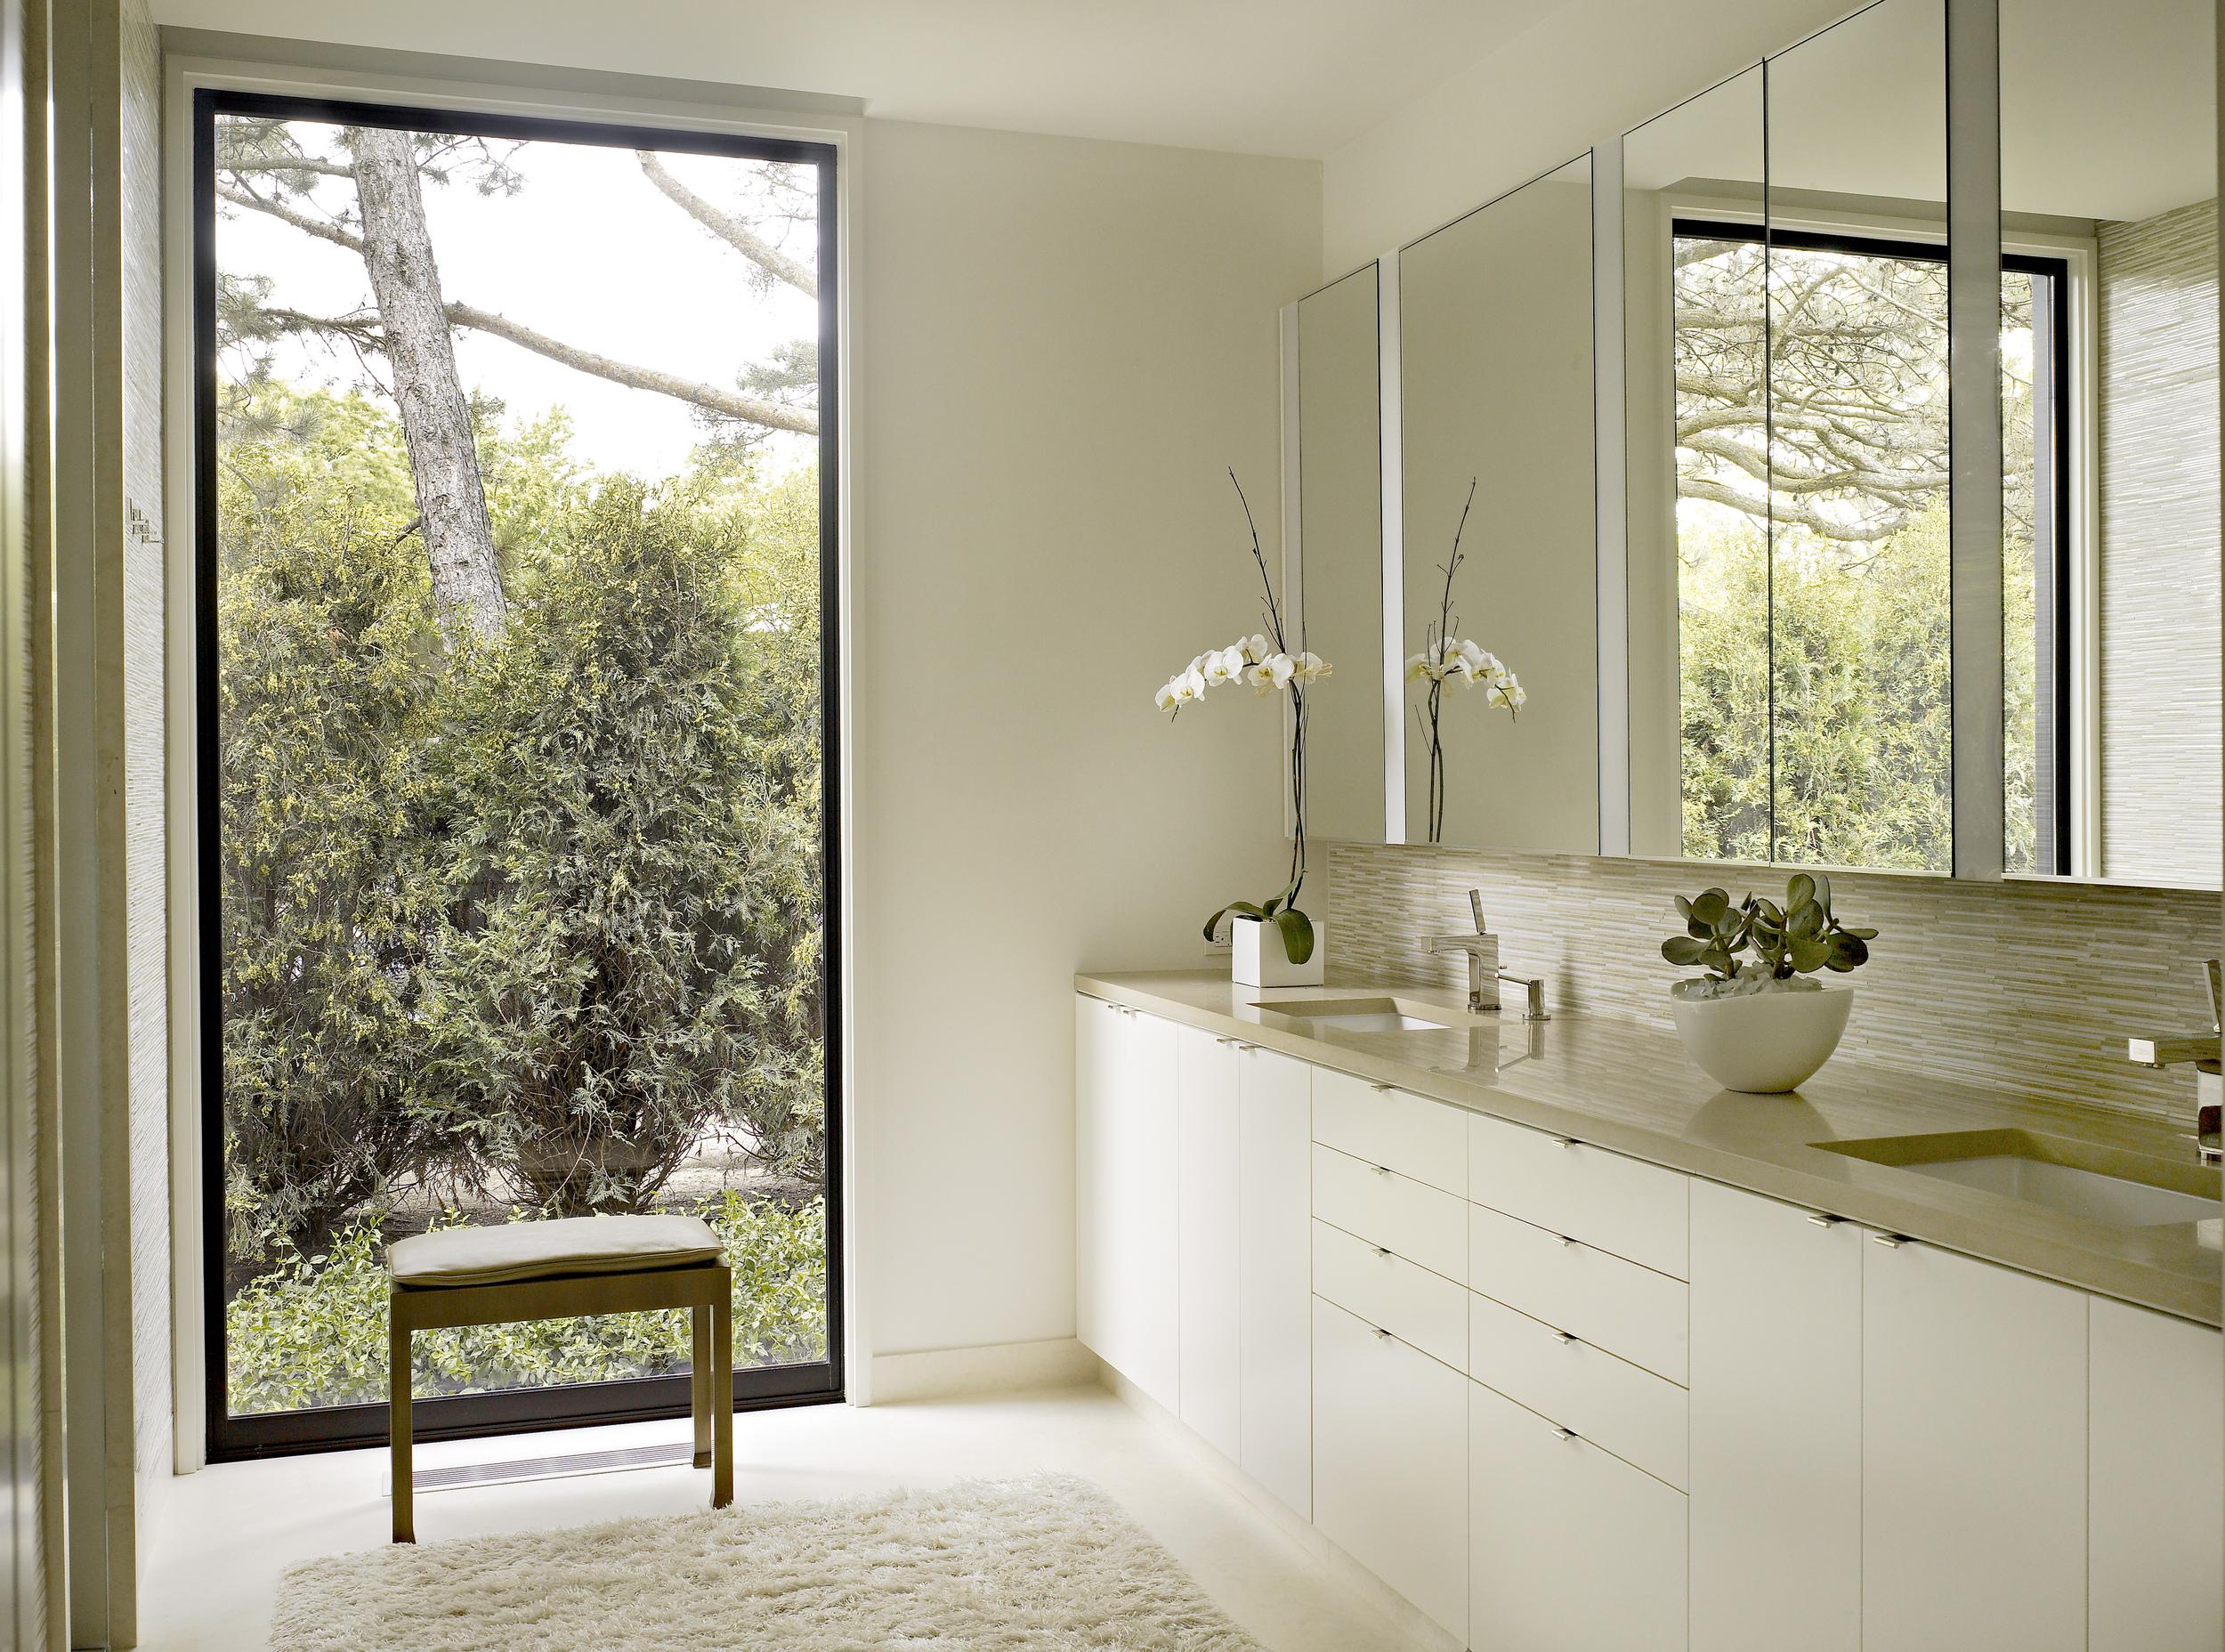 Kadlec Architecture + Design - Modern Lakefront Residence 11.jpg